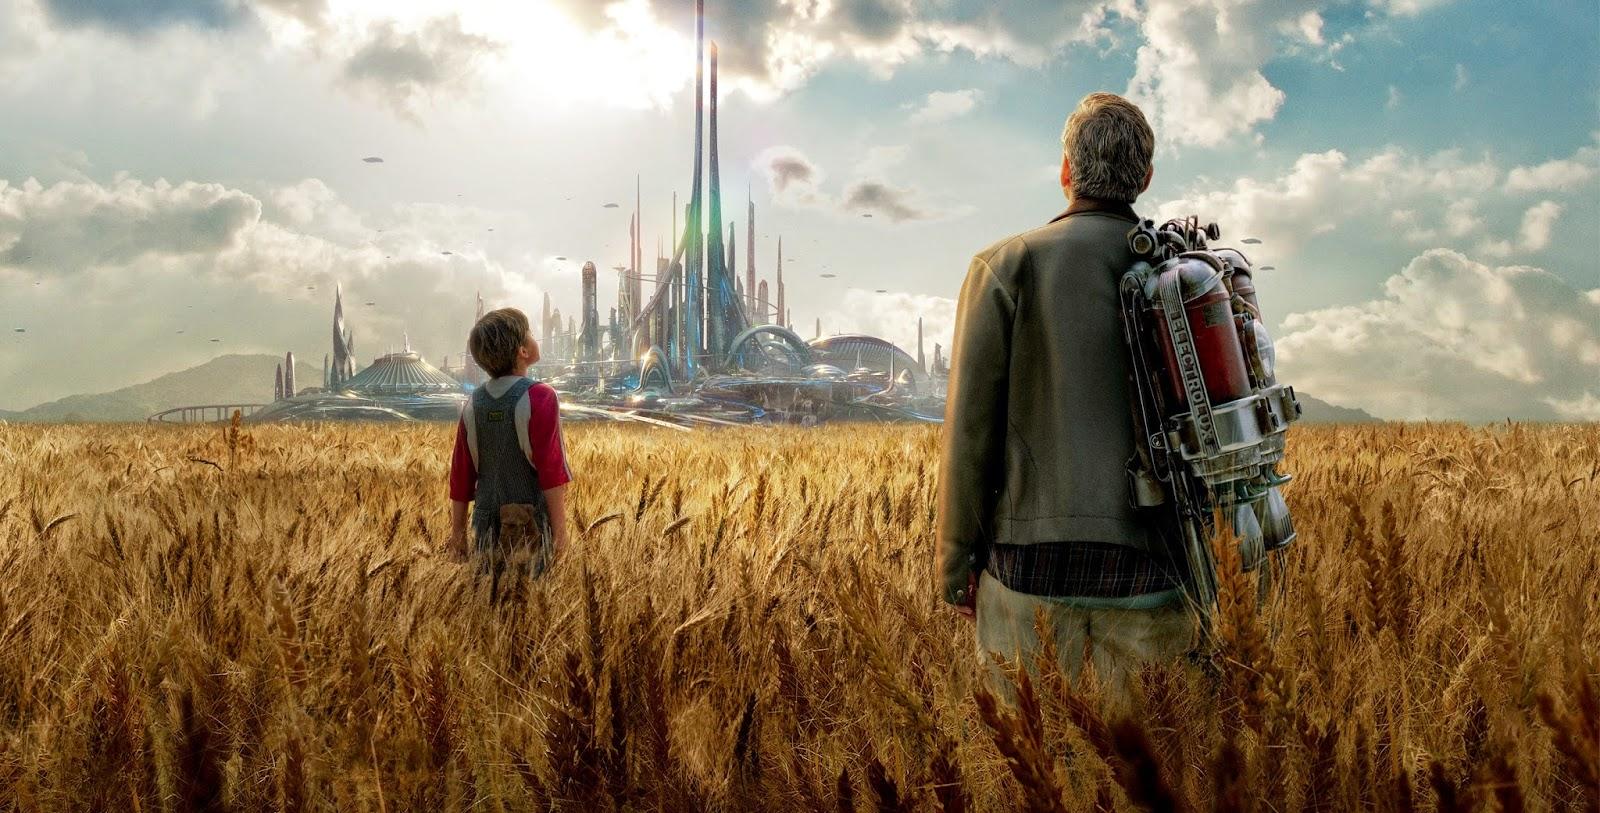 Tomorrowland | Veja o terceiro trailer legendado da aventura sci-fi da Disney com George Clooney